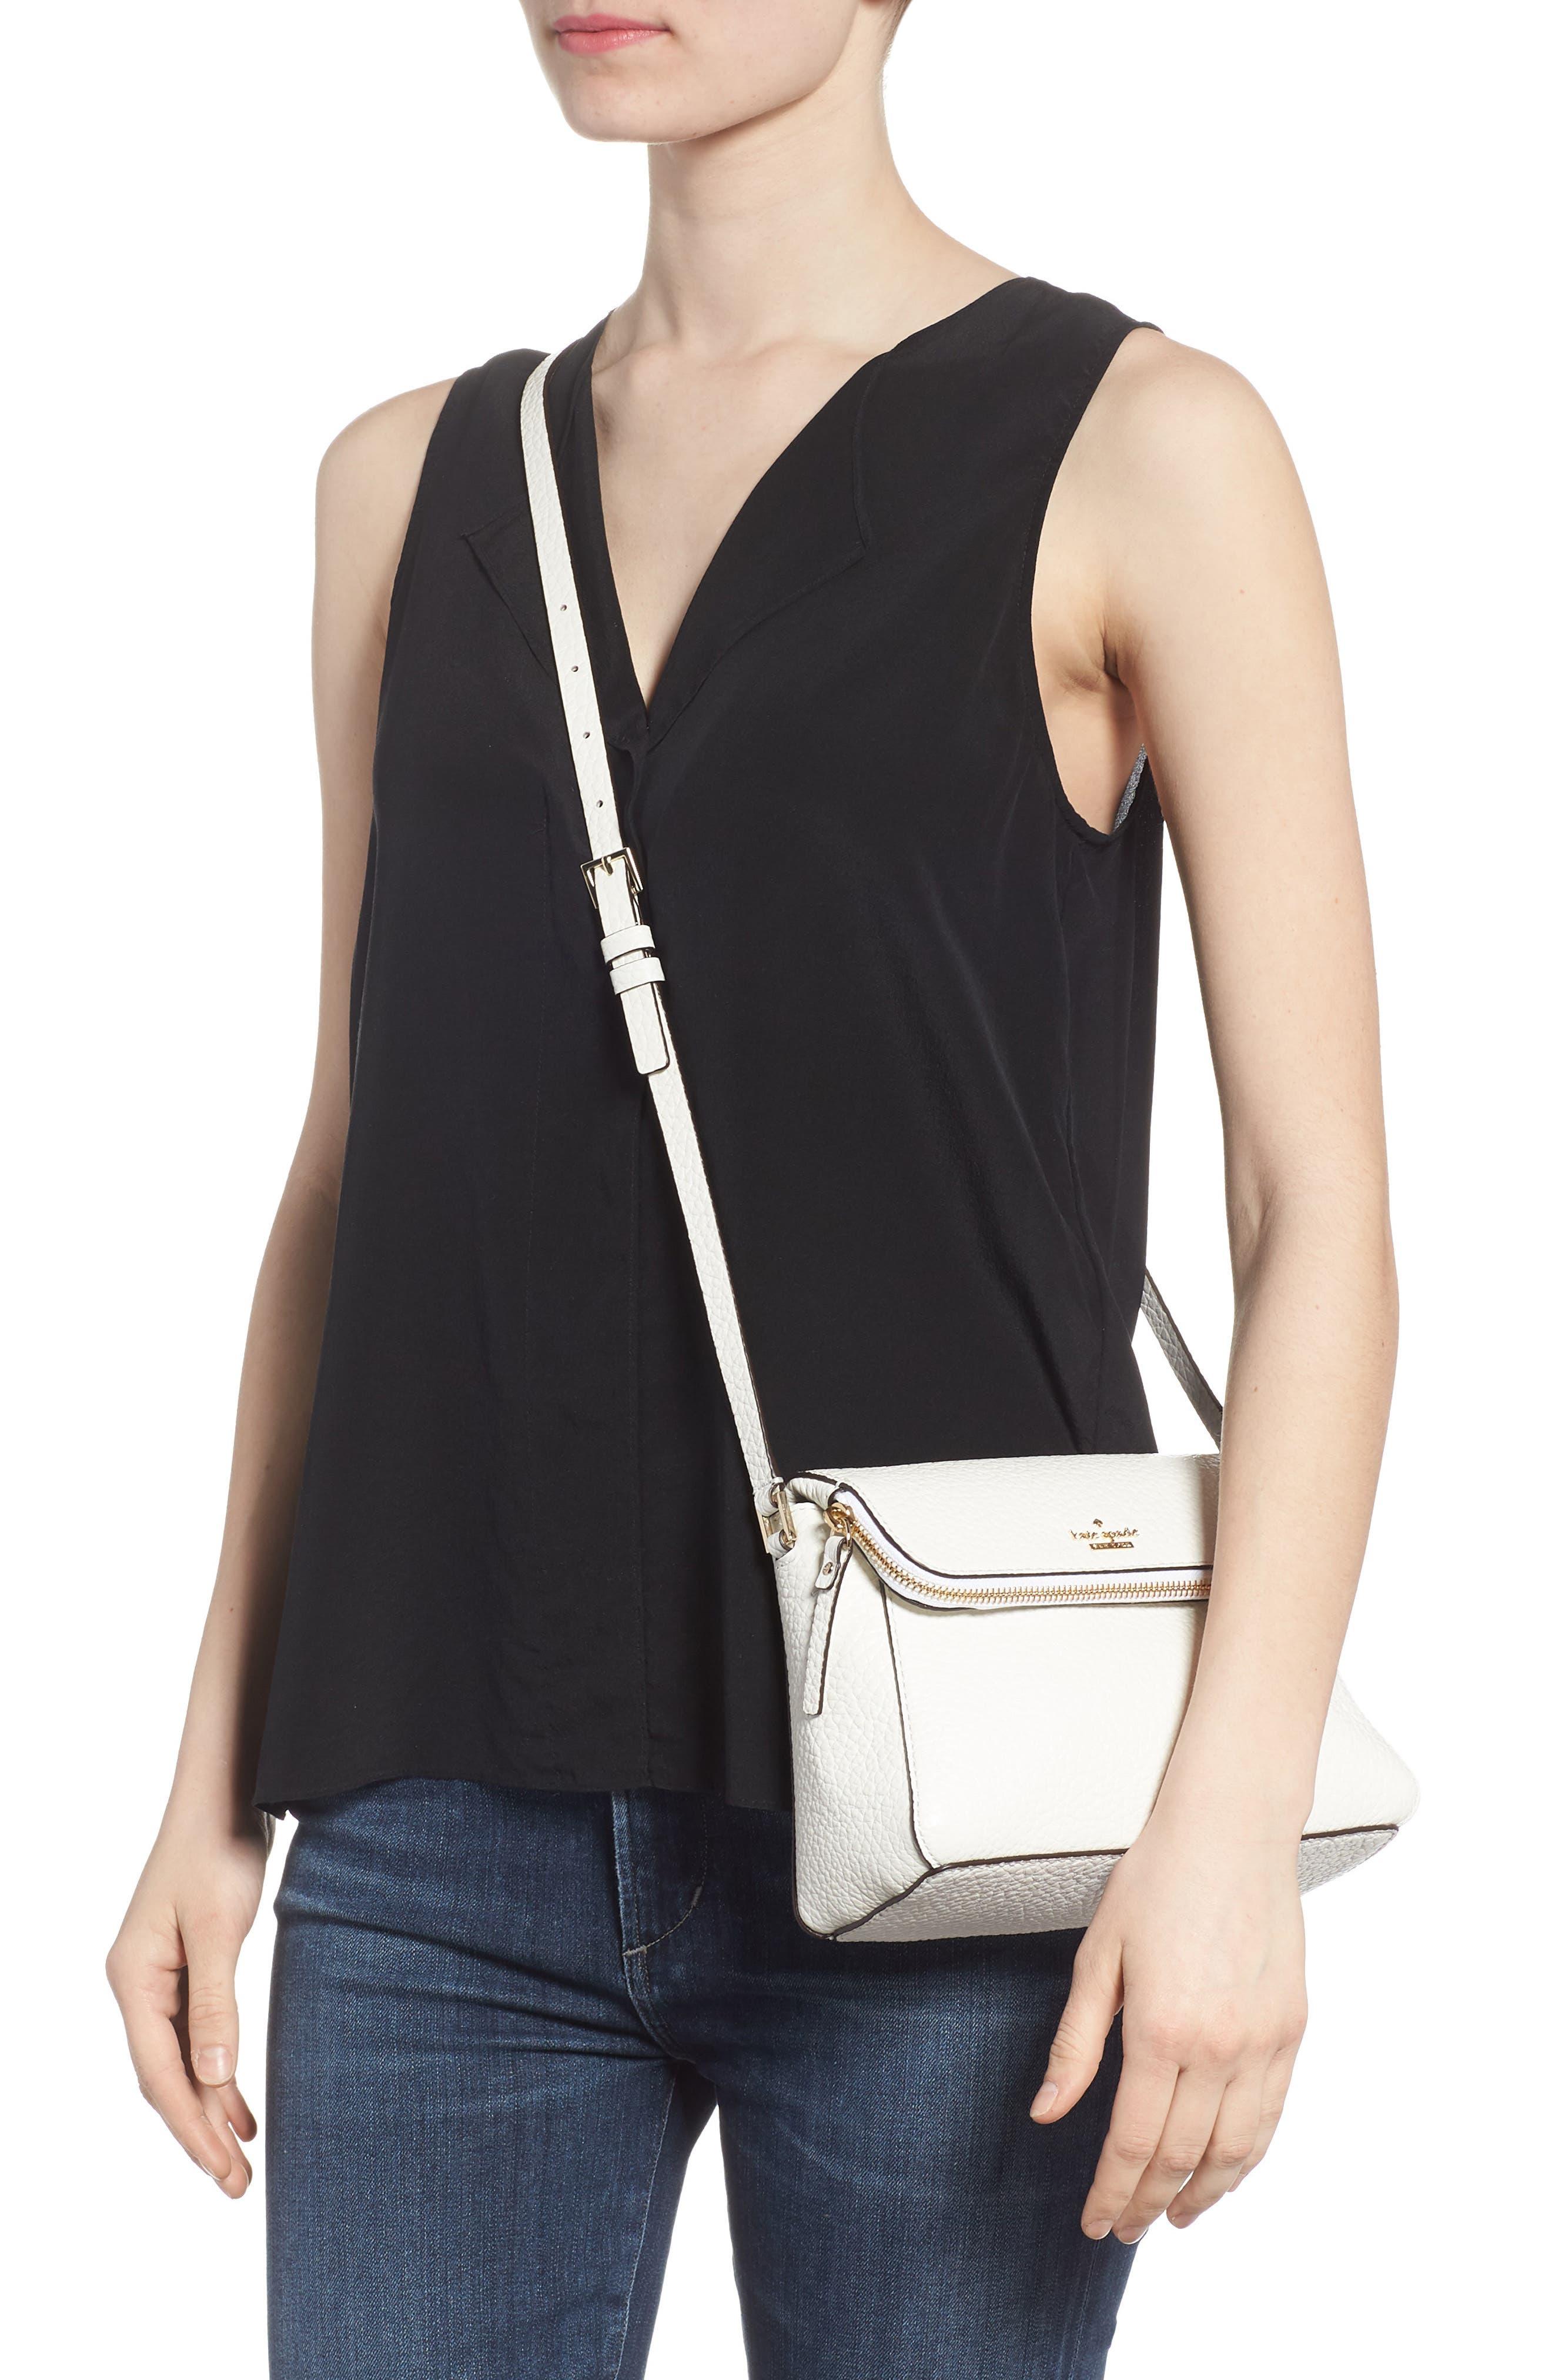 carter street - berrin leather crossbody bag,                             Alternate thumbnail 2, color,                             100